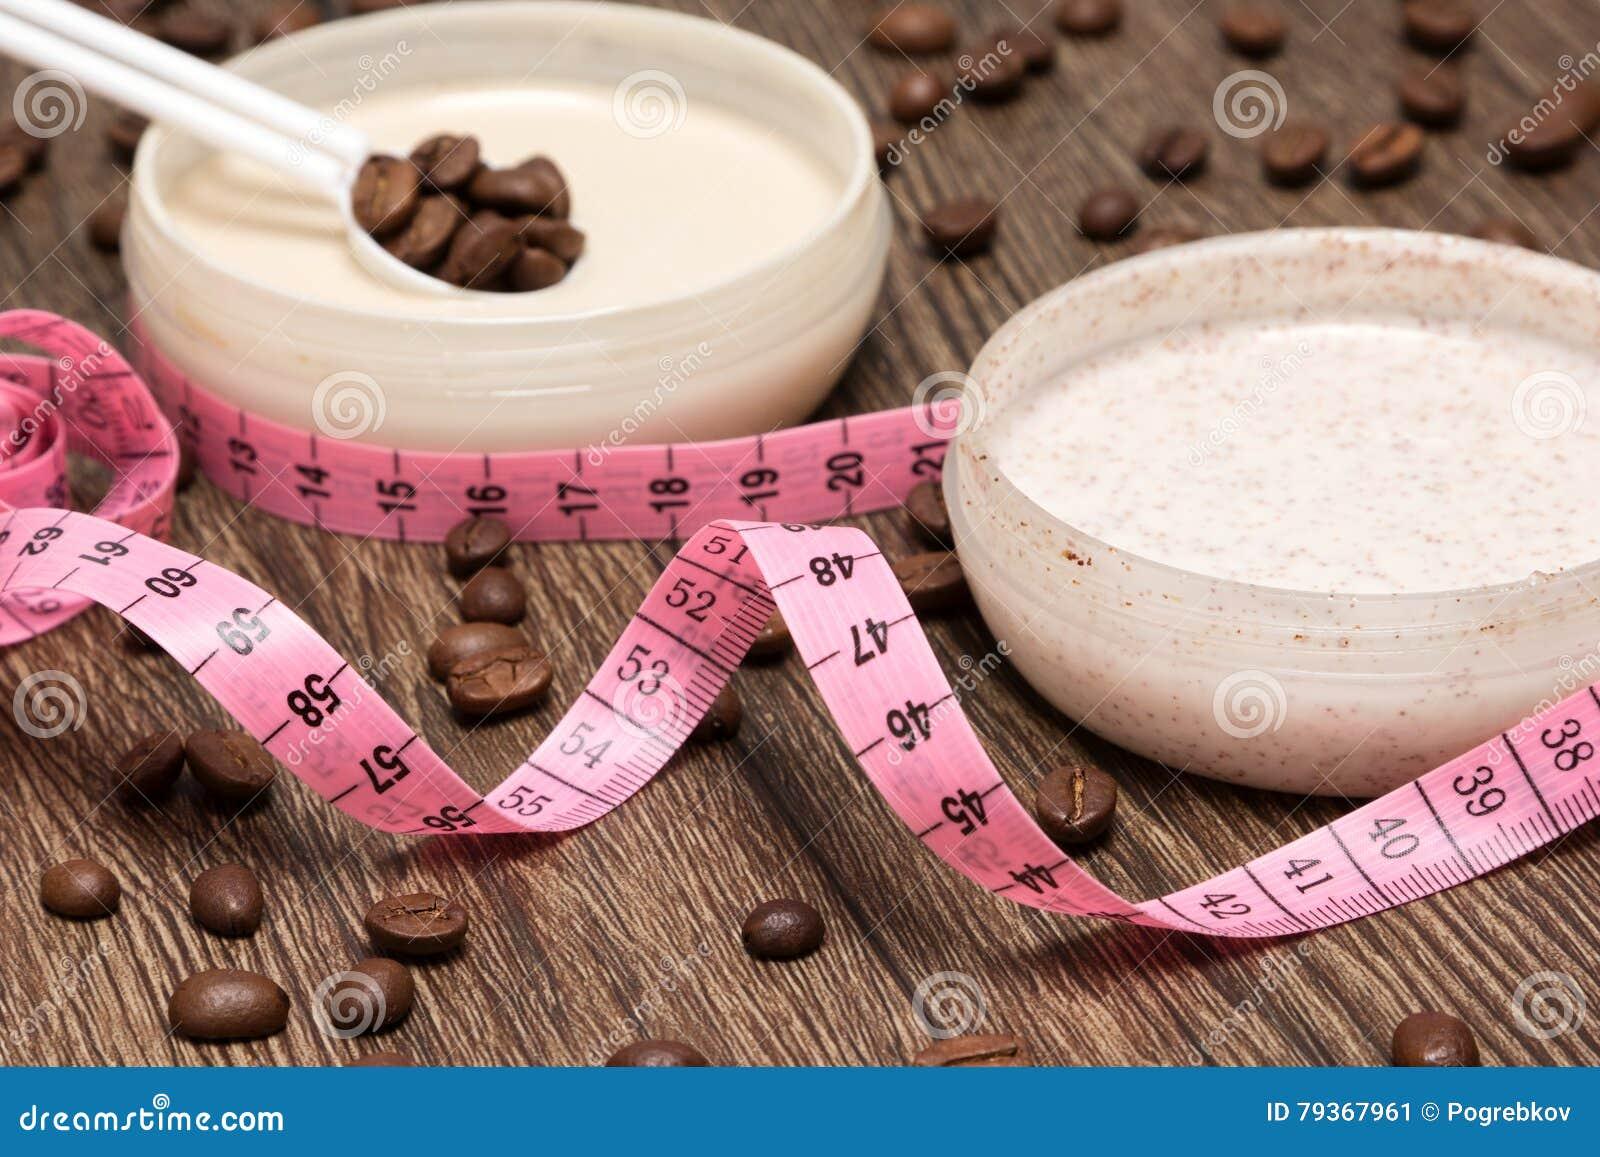 Körper messende Band- und AntiCellulitekosmetikprodukte